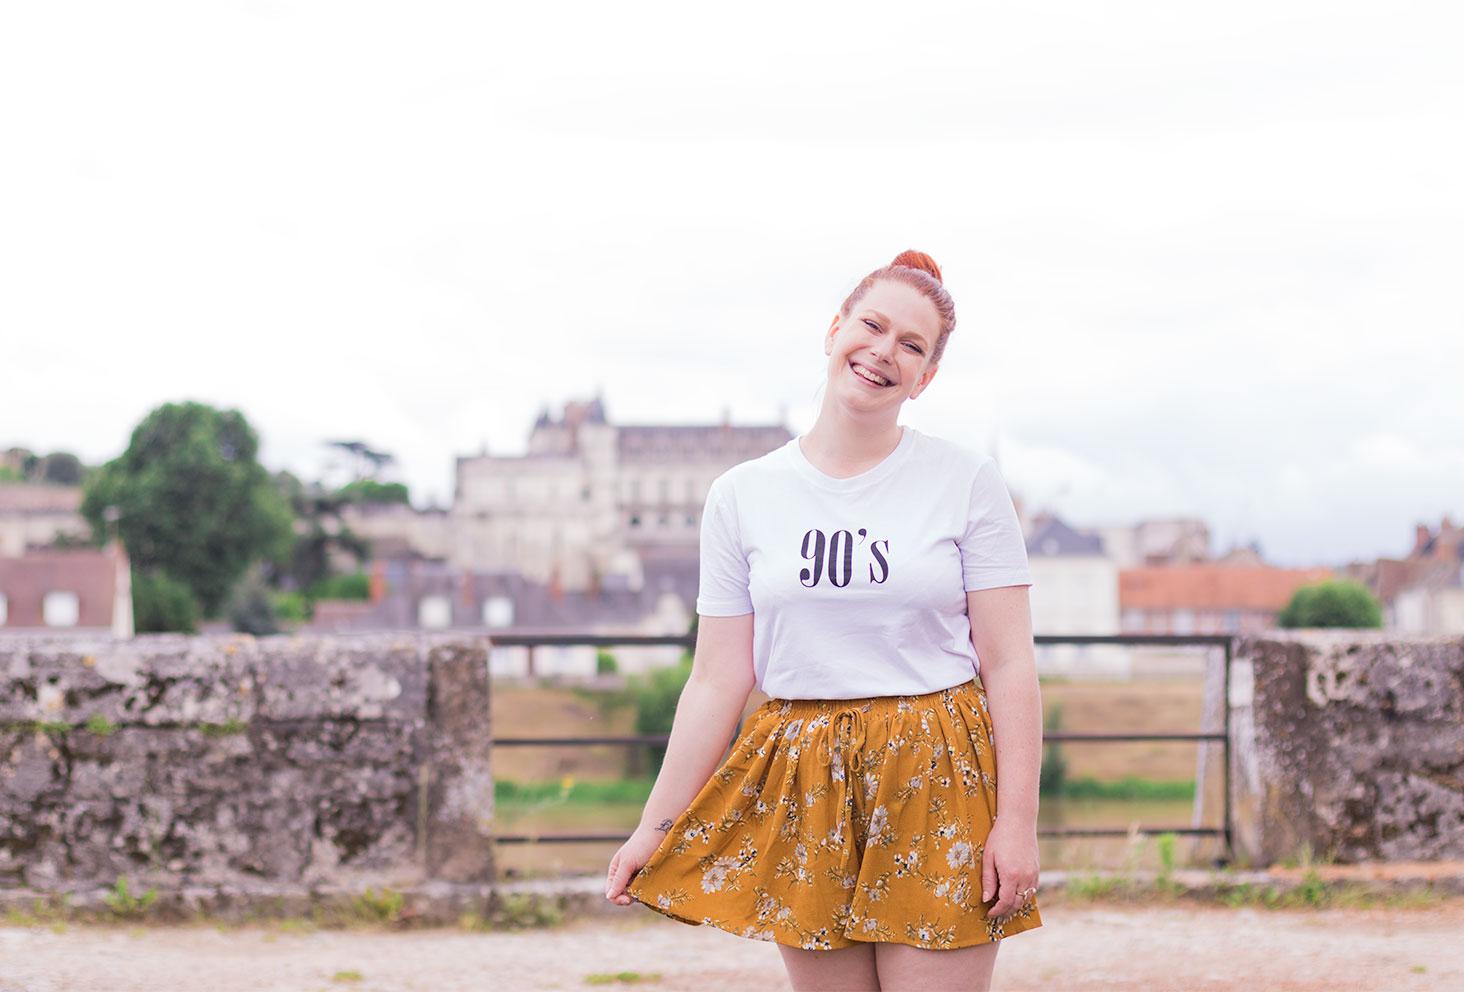 Devant le château d'Amboise en jupe short jaune moutarde à fleurs et t-shirt blanc 90's SheIn, avec le sourire